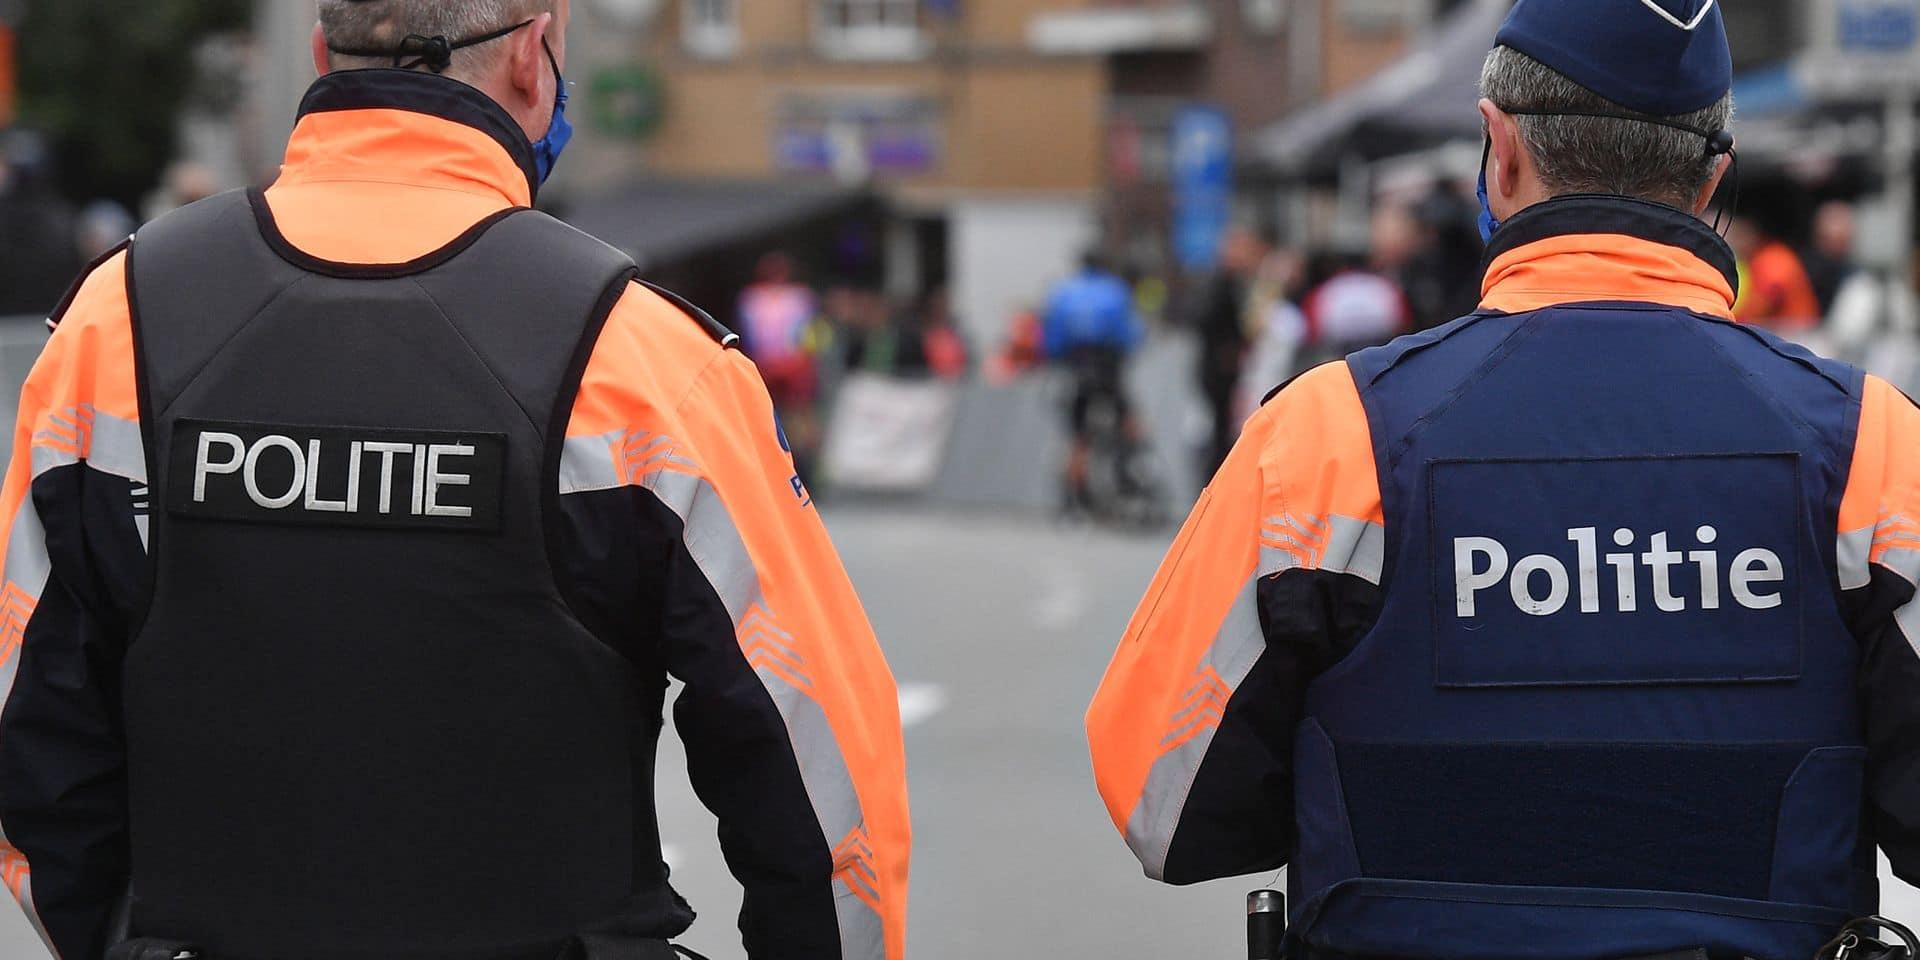 Une femme de 28 ans soupçonnée d'avoir tué son nouveau-né arrêtée à Liedekerke